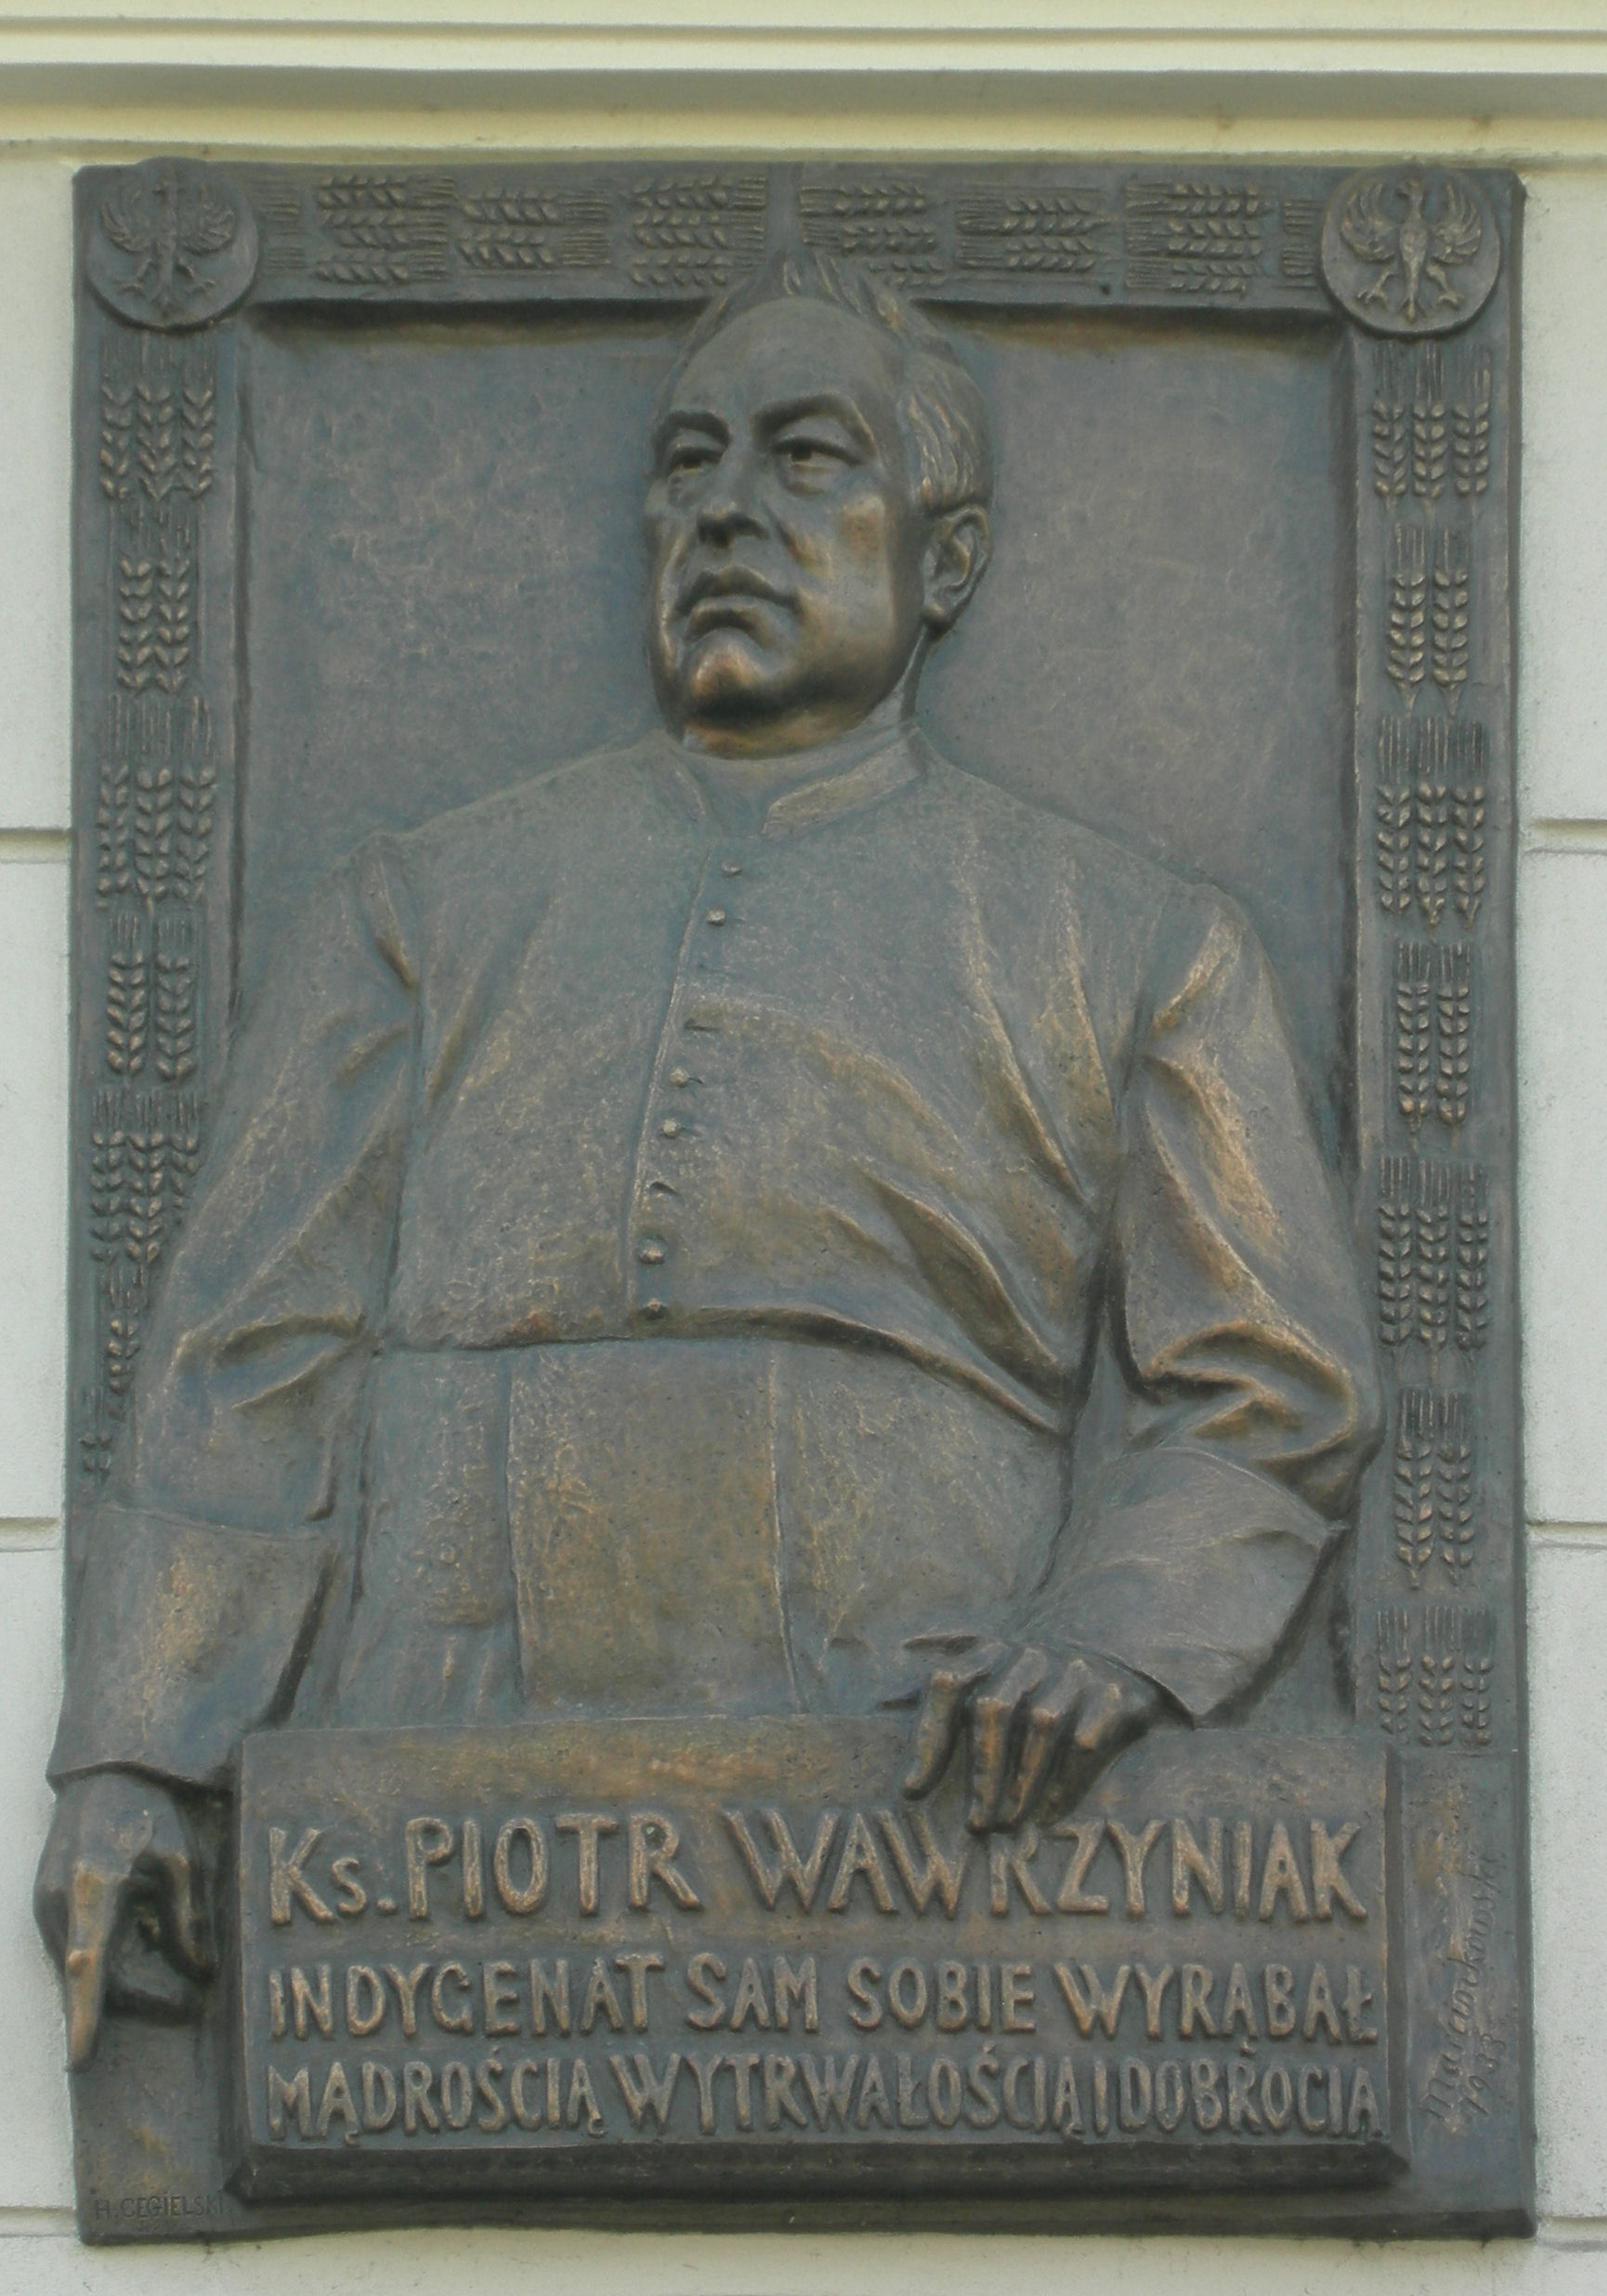 Ks. Piotr Wawrzyniak